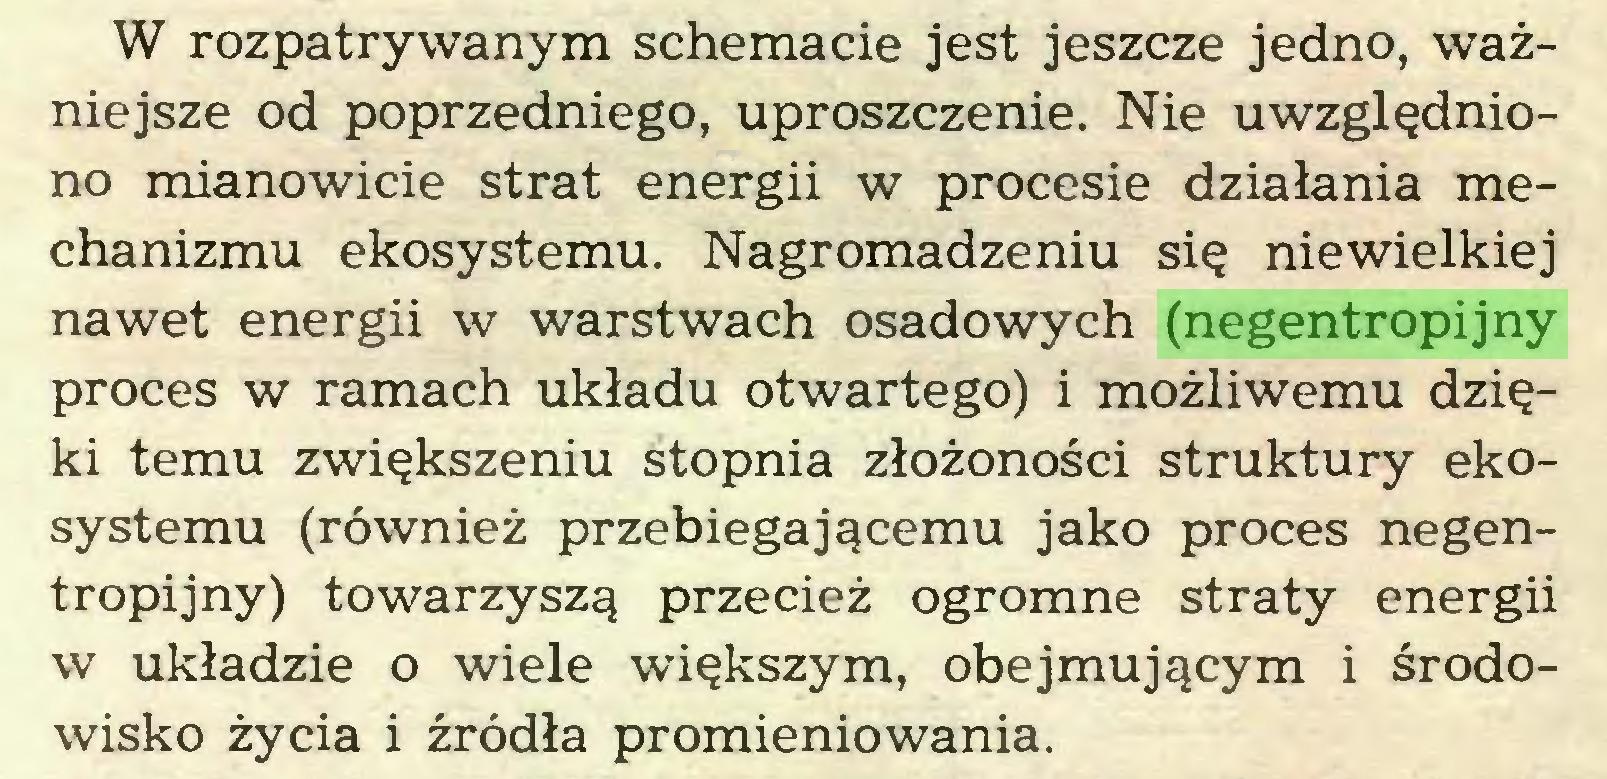 (...) W rozpatrywanym schemacie jest jeszcze jedno, ważniejsze od poprzedniego, uproszczenie. Nie uwzględniono mianowicie strat energii w procesie działania mechanizmu ekosystemu. Nagromadzeniu się niewielkiej nawet energii w warstwach osadowych (negentropijny proces w ramach układu otwartego) i możliwemu dzięki temu zwiększeniu stopnia złożoności struktury ekosystemu (również przebiegającemu jako proces negentropijny) towarzyszą przecież ogromne straty energii w układzie o wiele większym, obejmującym i środowisko życia i źródła promieniowania...